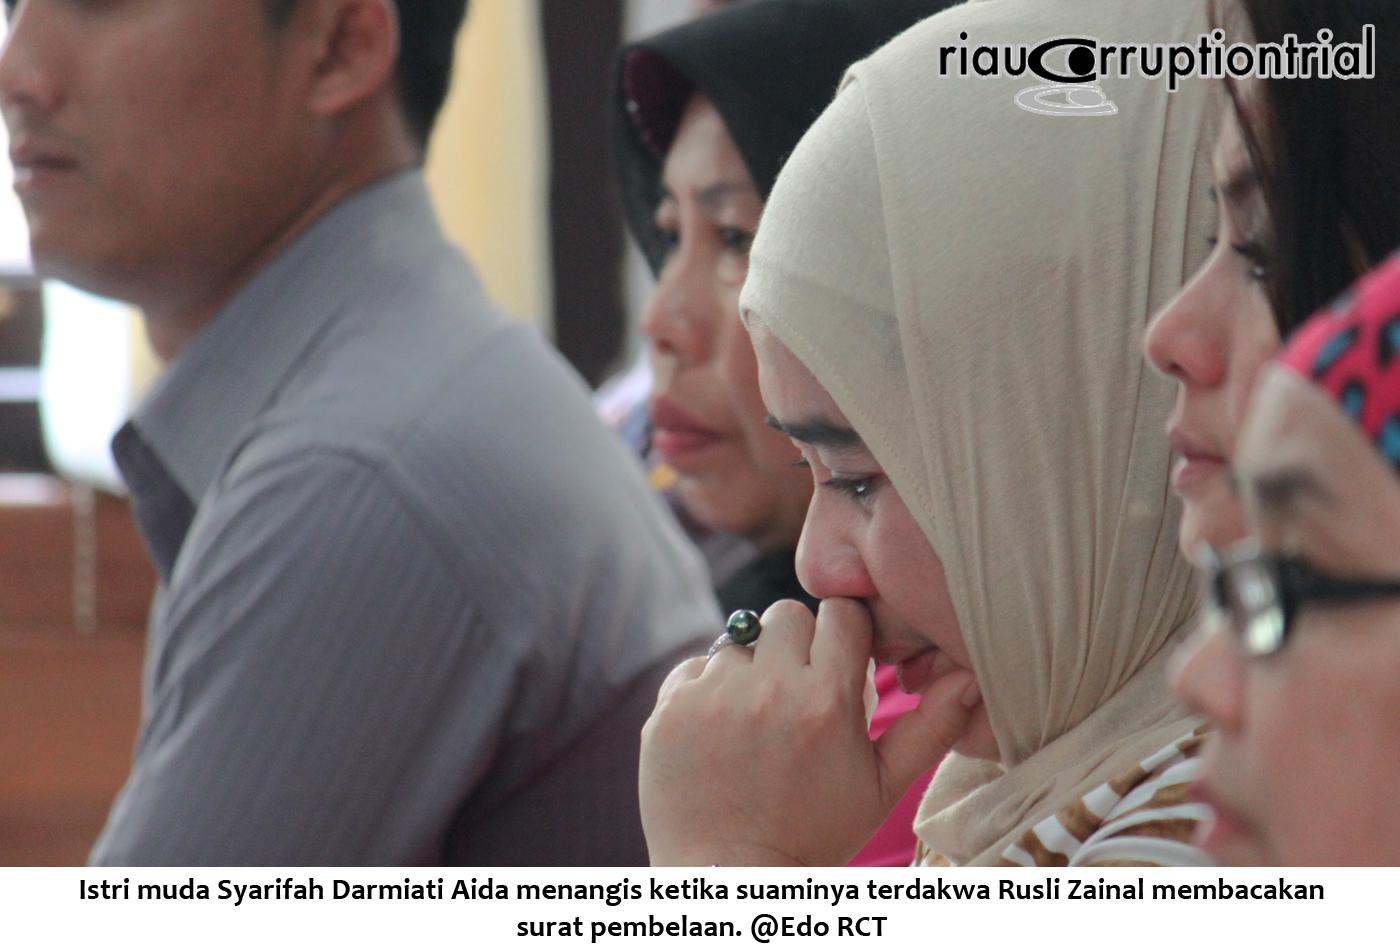 Istri muda RZ menangis ketika mendengarkan RZ membacakan surat pembelaan